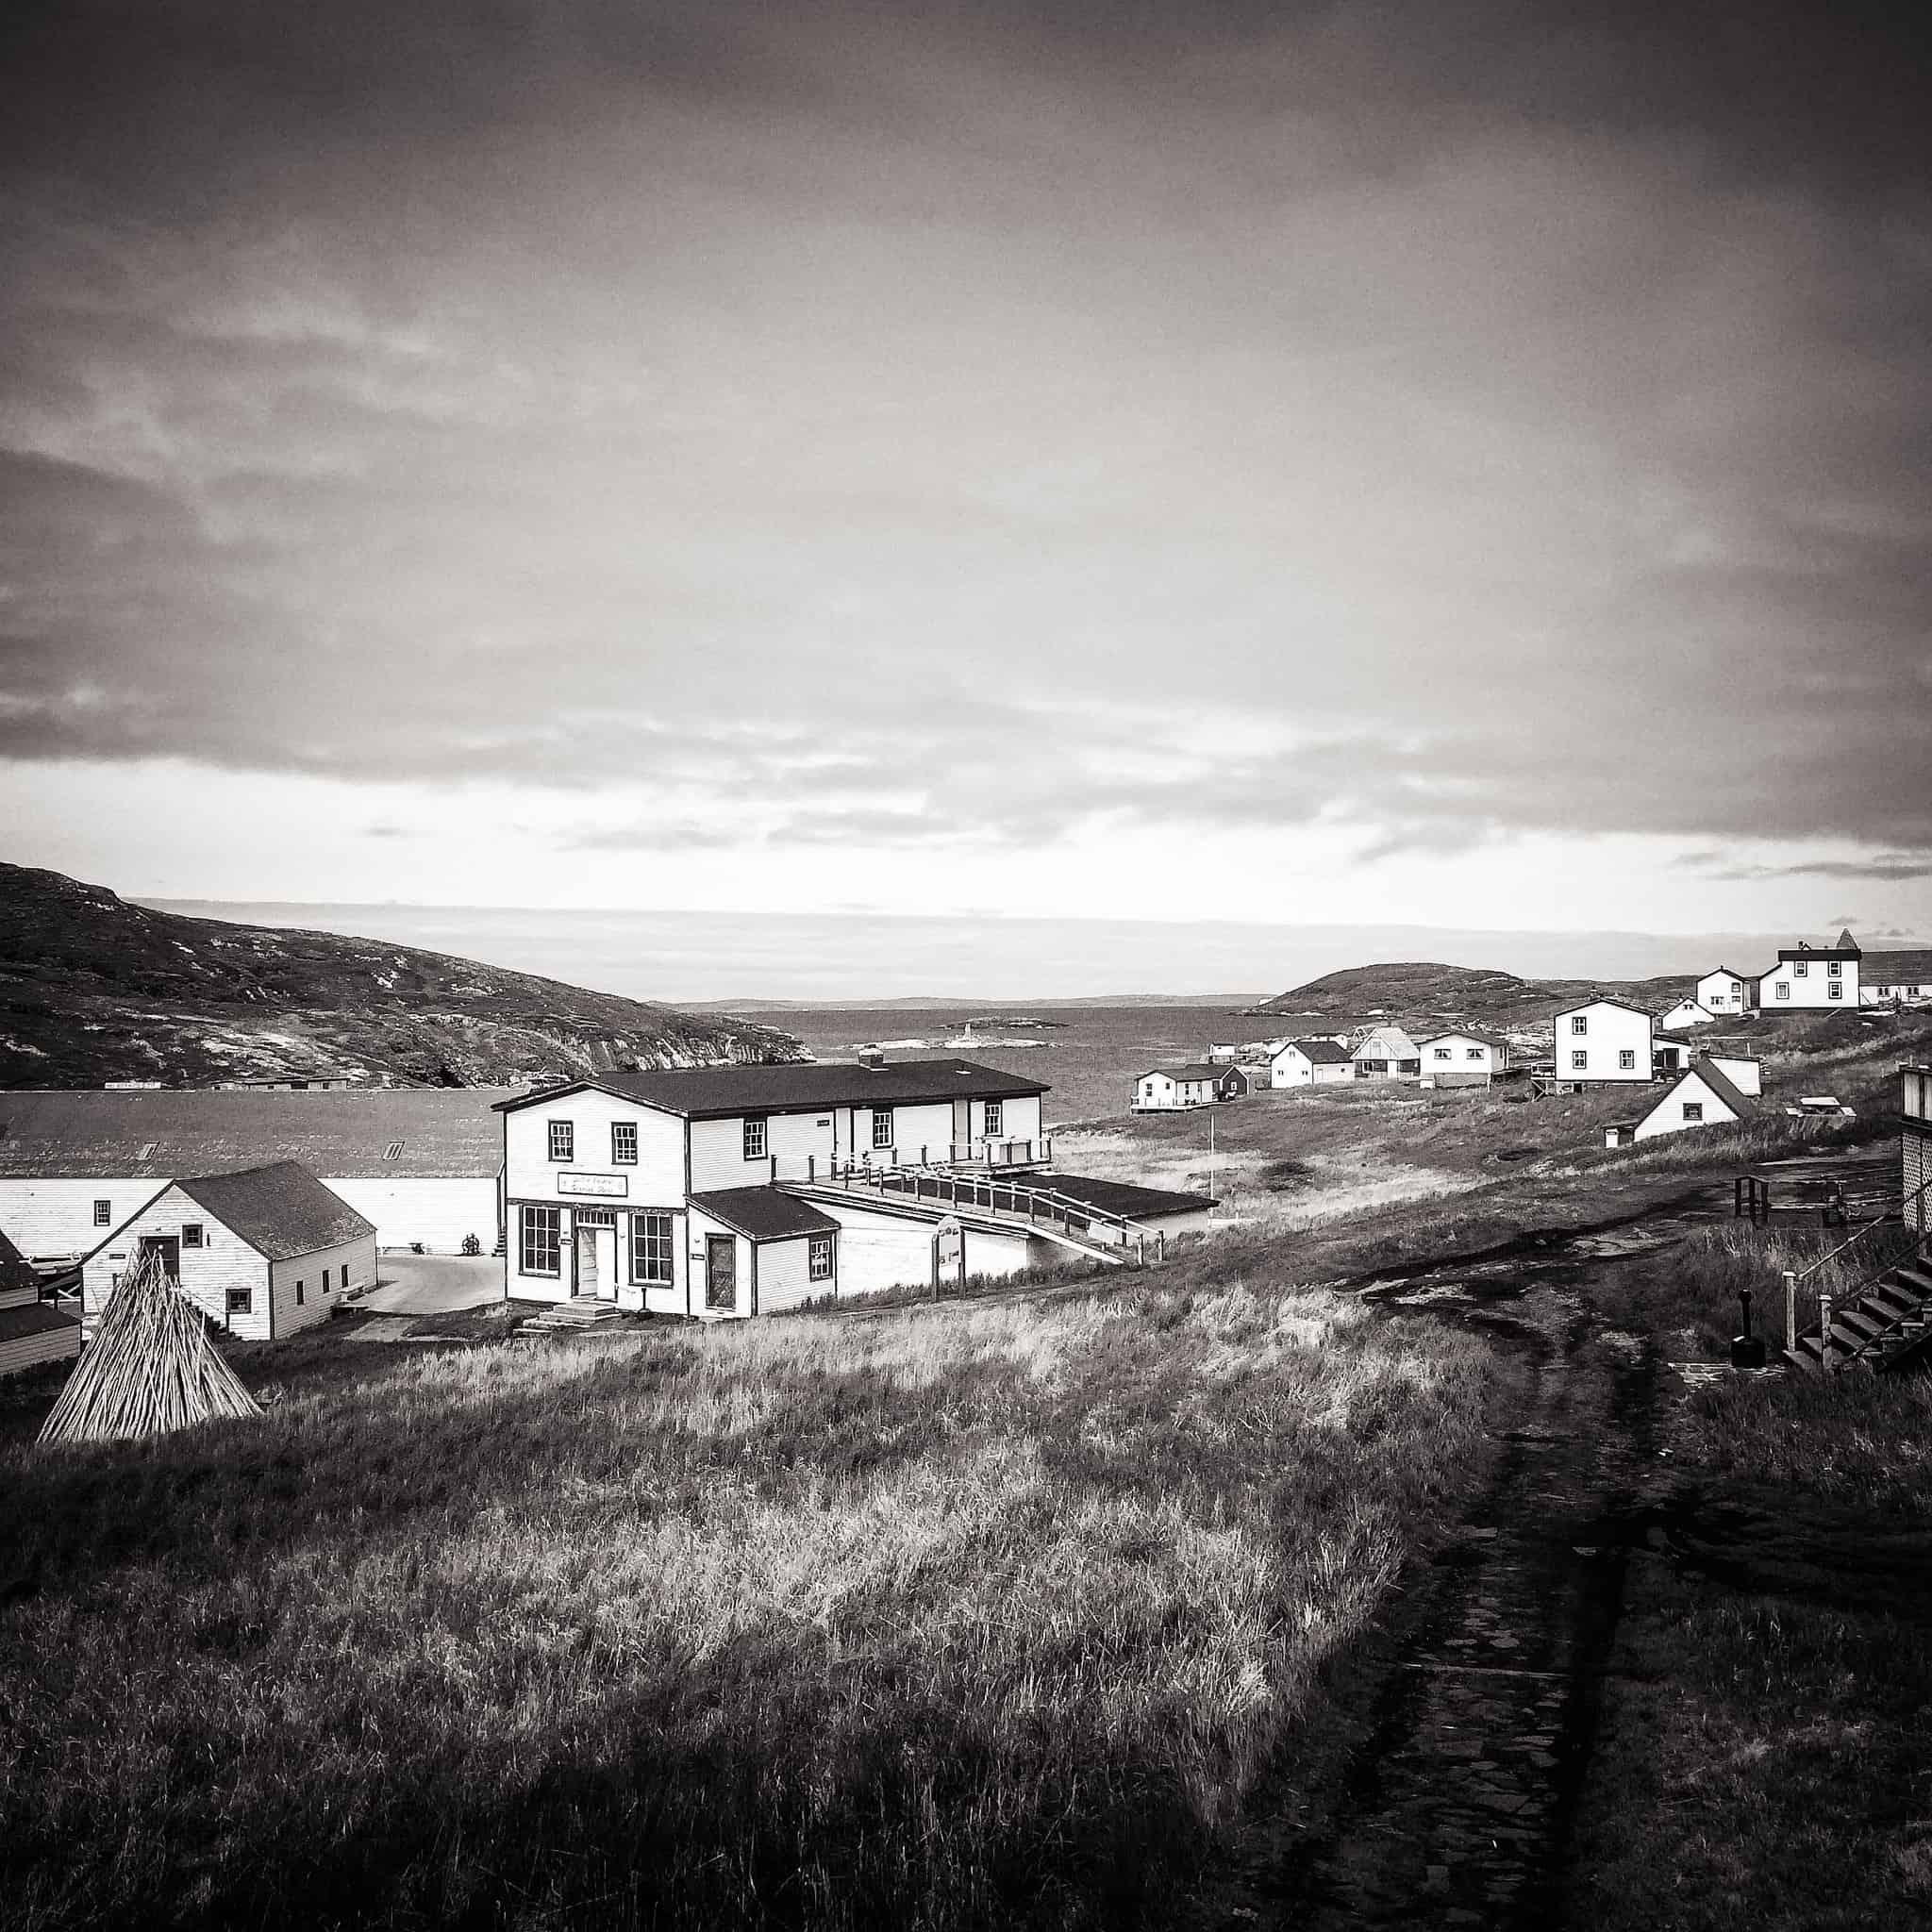 Ein Blick auf die Häuser von Battle Harbour